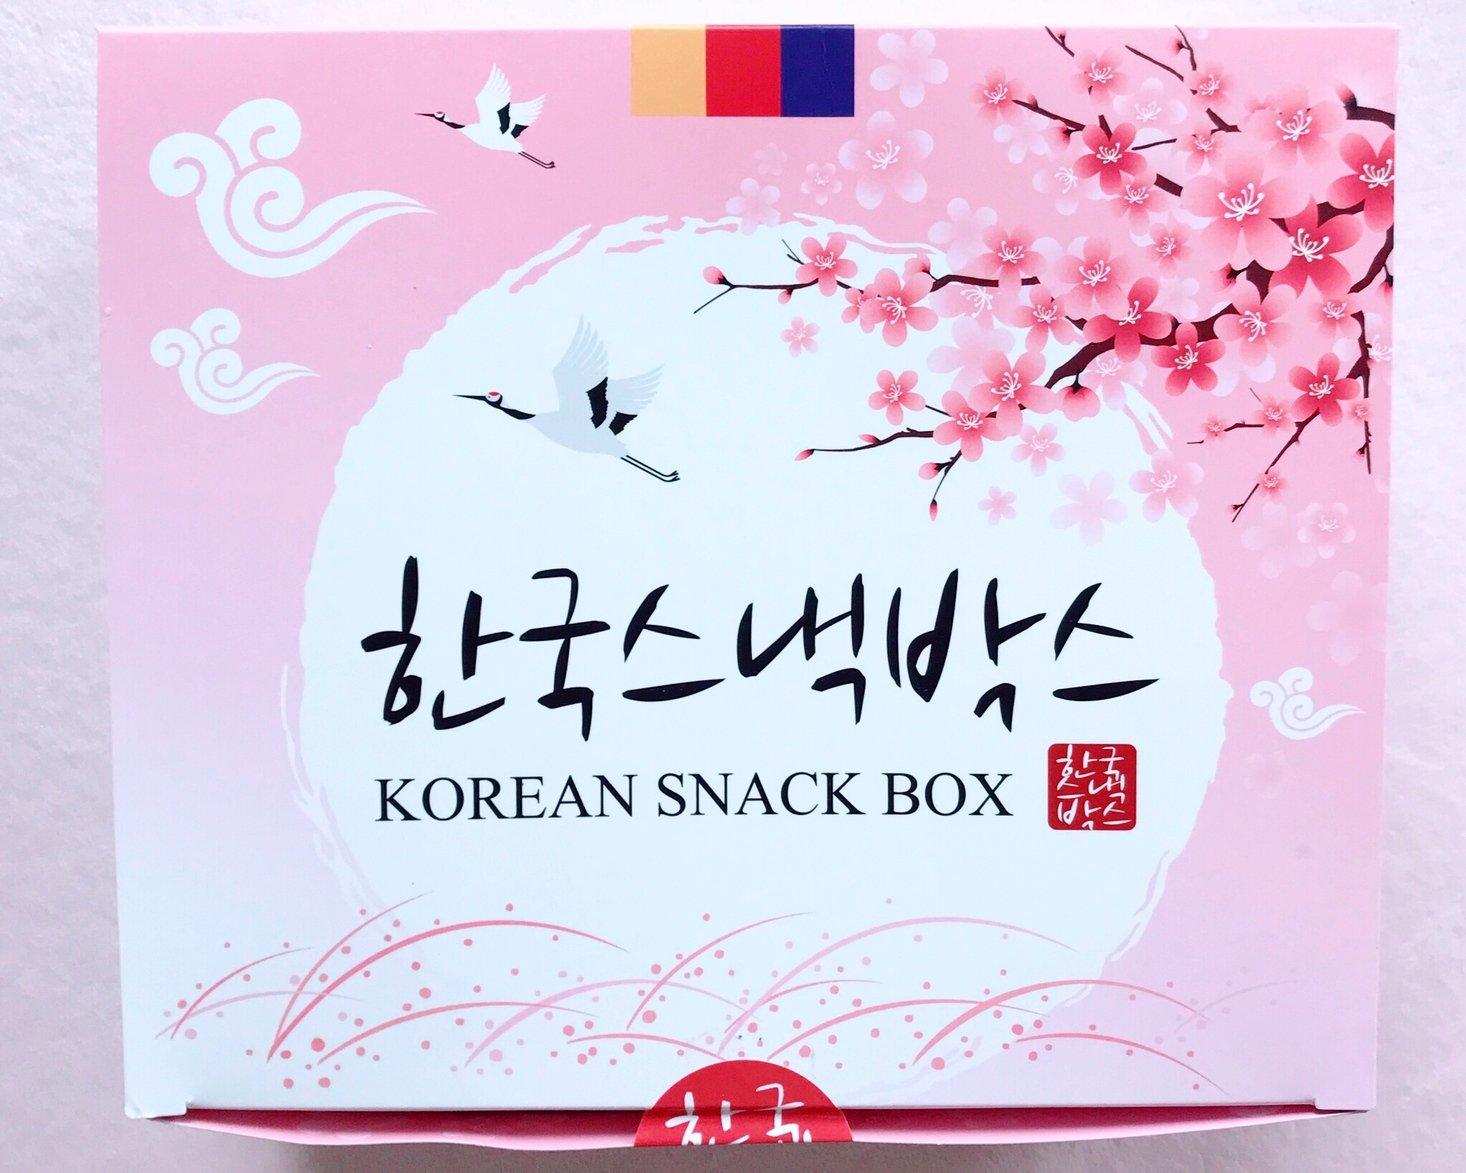 Korean Snack Box Review + Coupon – June 2019